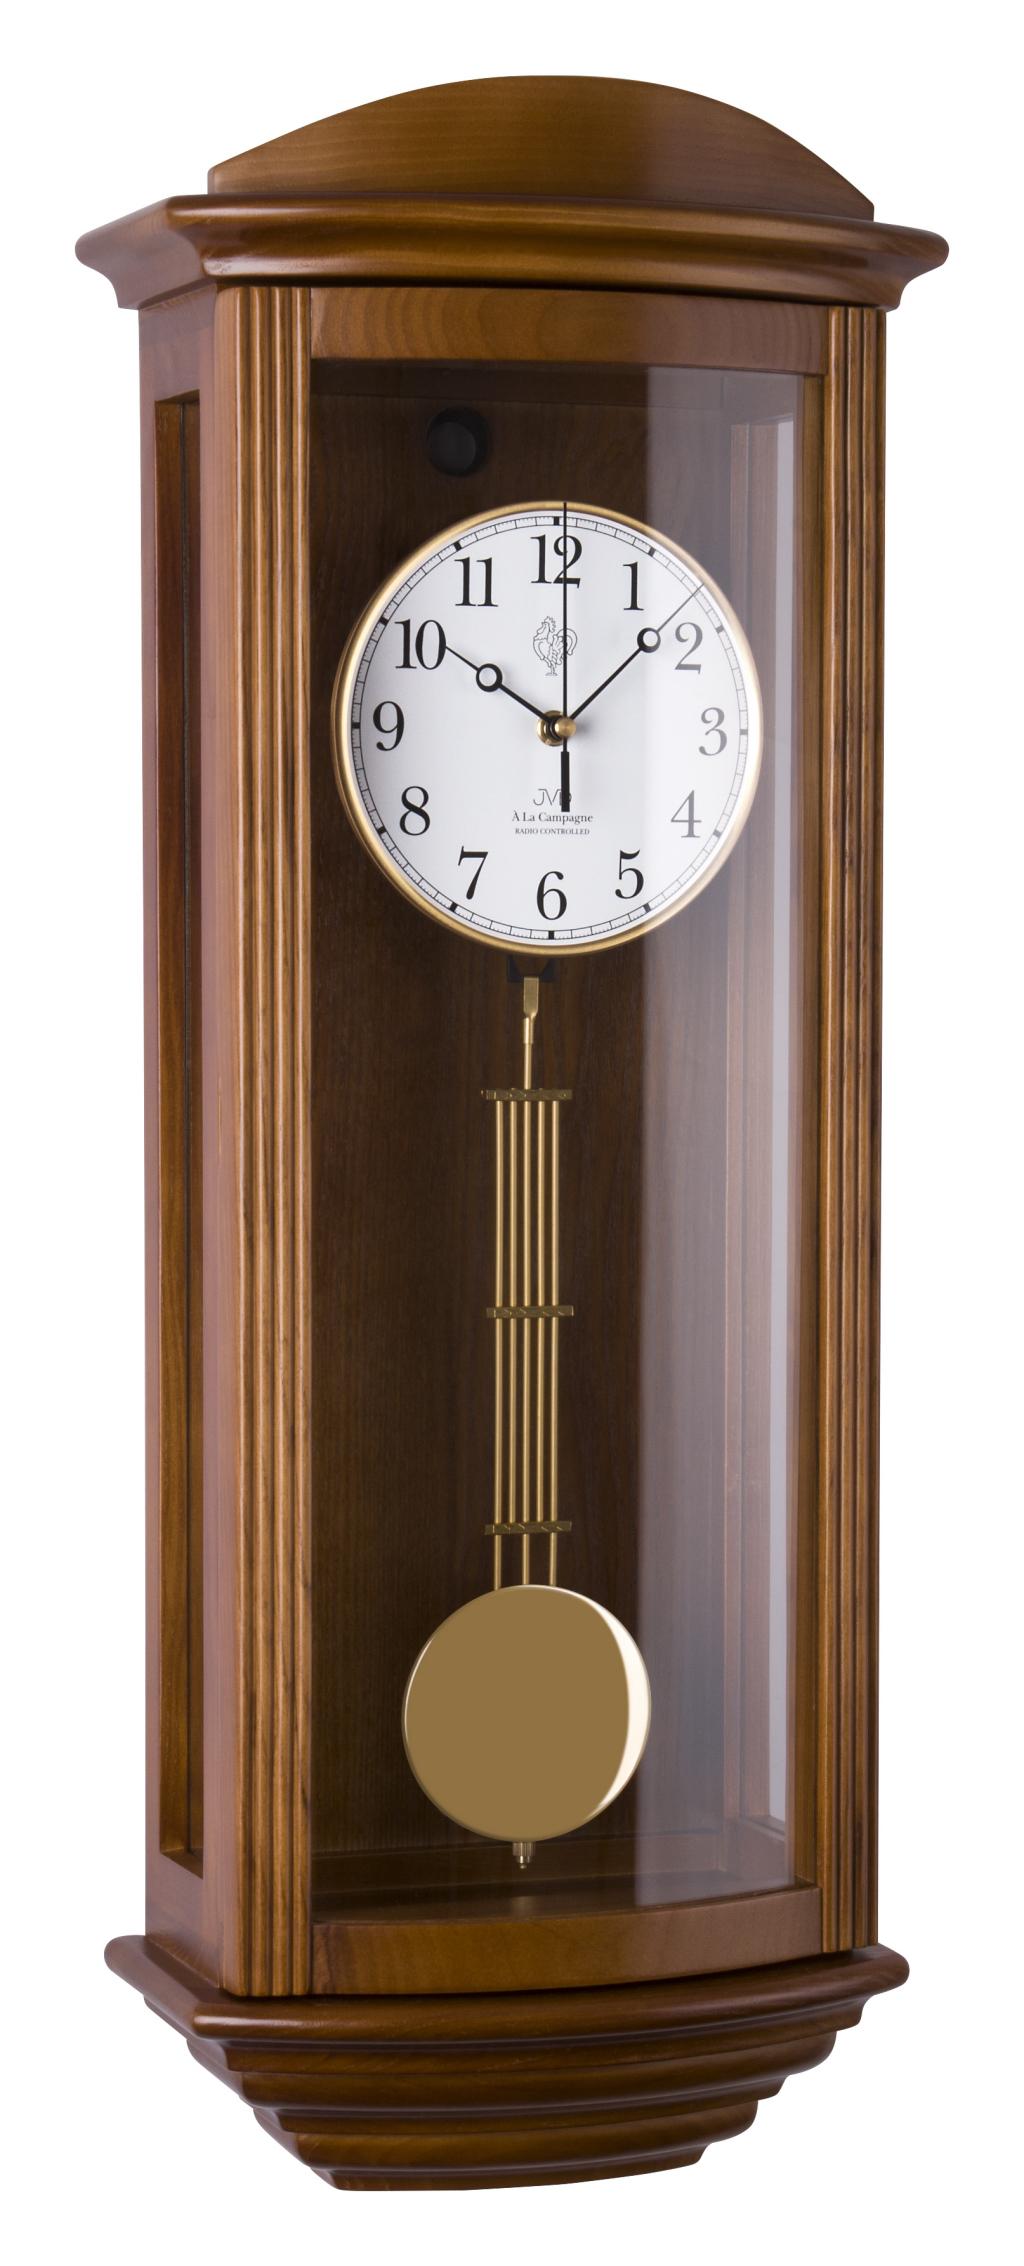 Orologio a pendolo Radiocontrollato JVD 2220 – Il Blog di ...